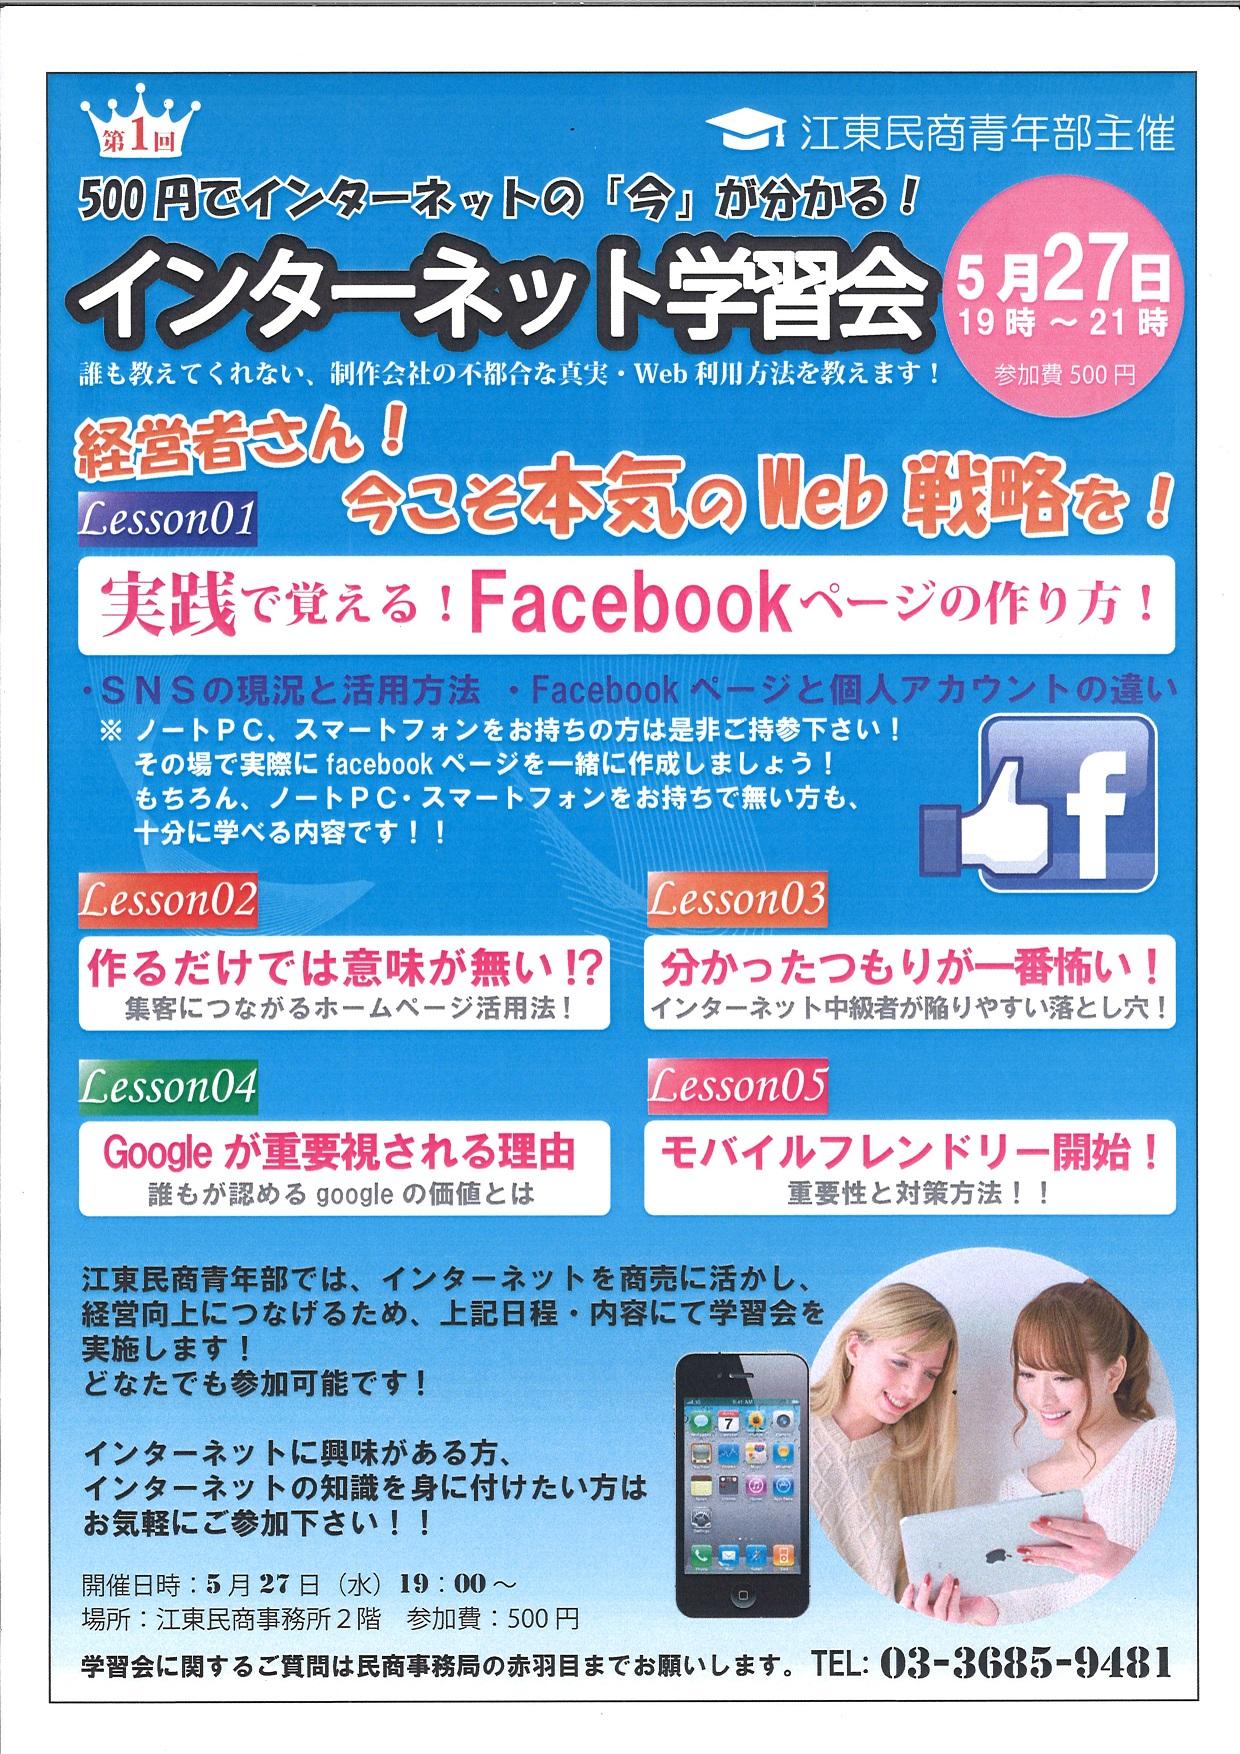 5/27(水) 江東民商青年部 インターネット学習会を開催します!